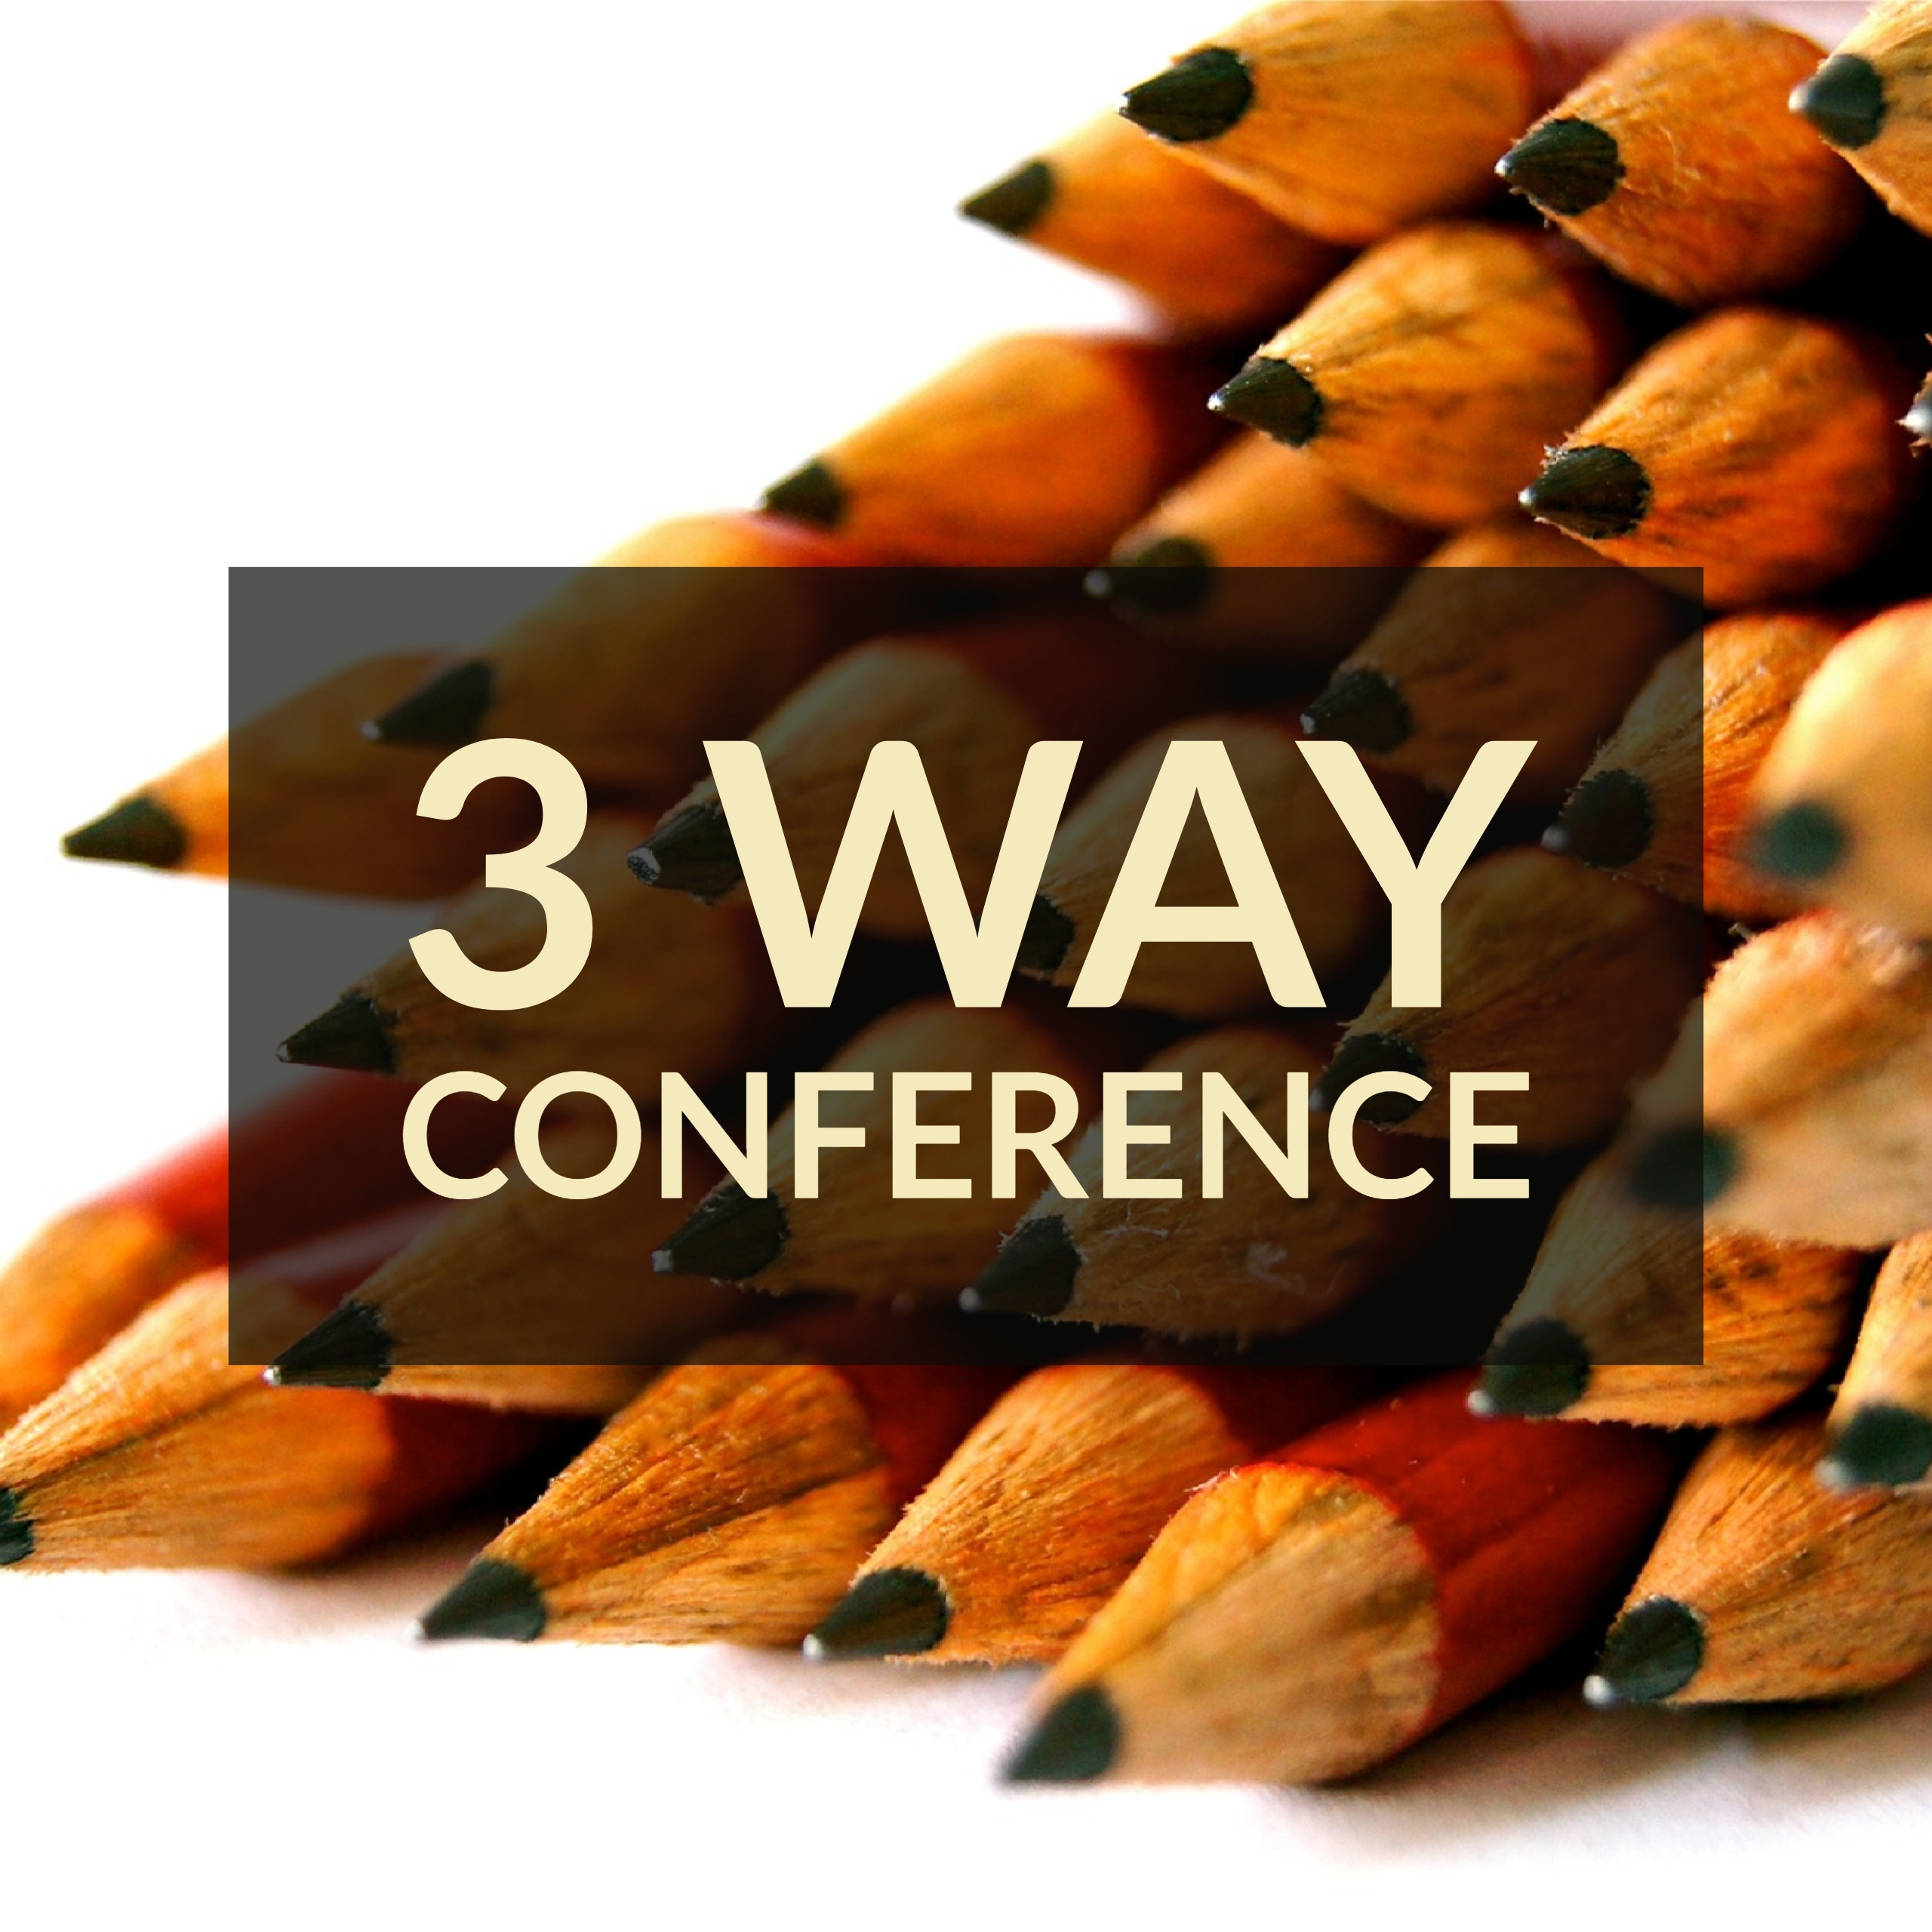 3 Way Conferences